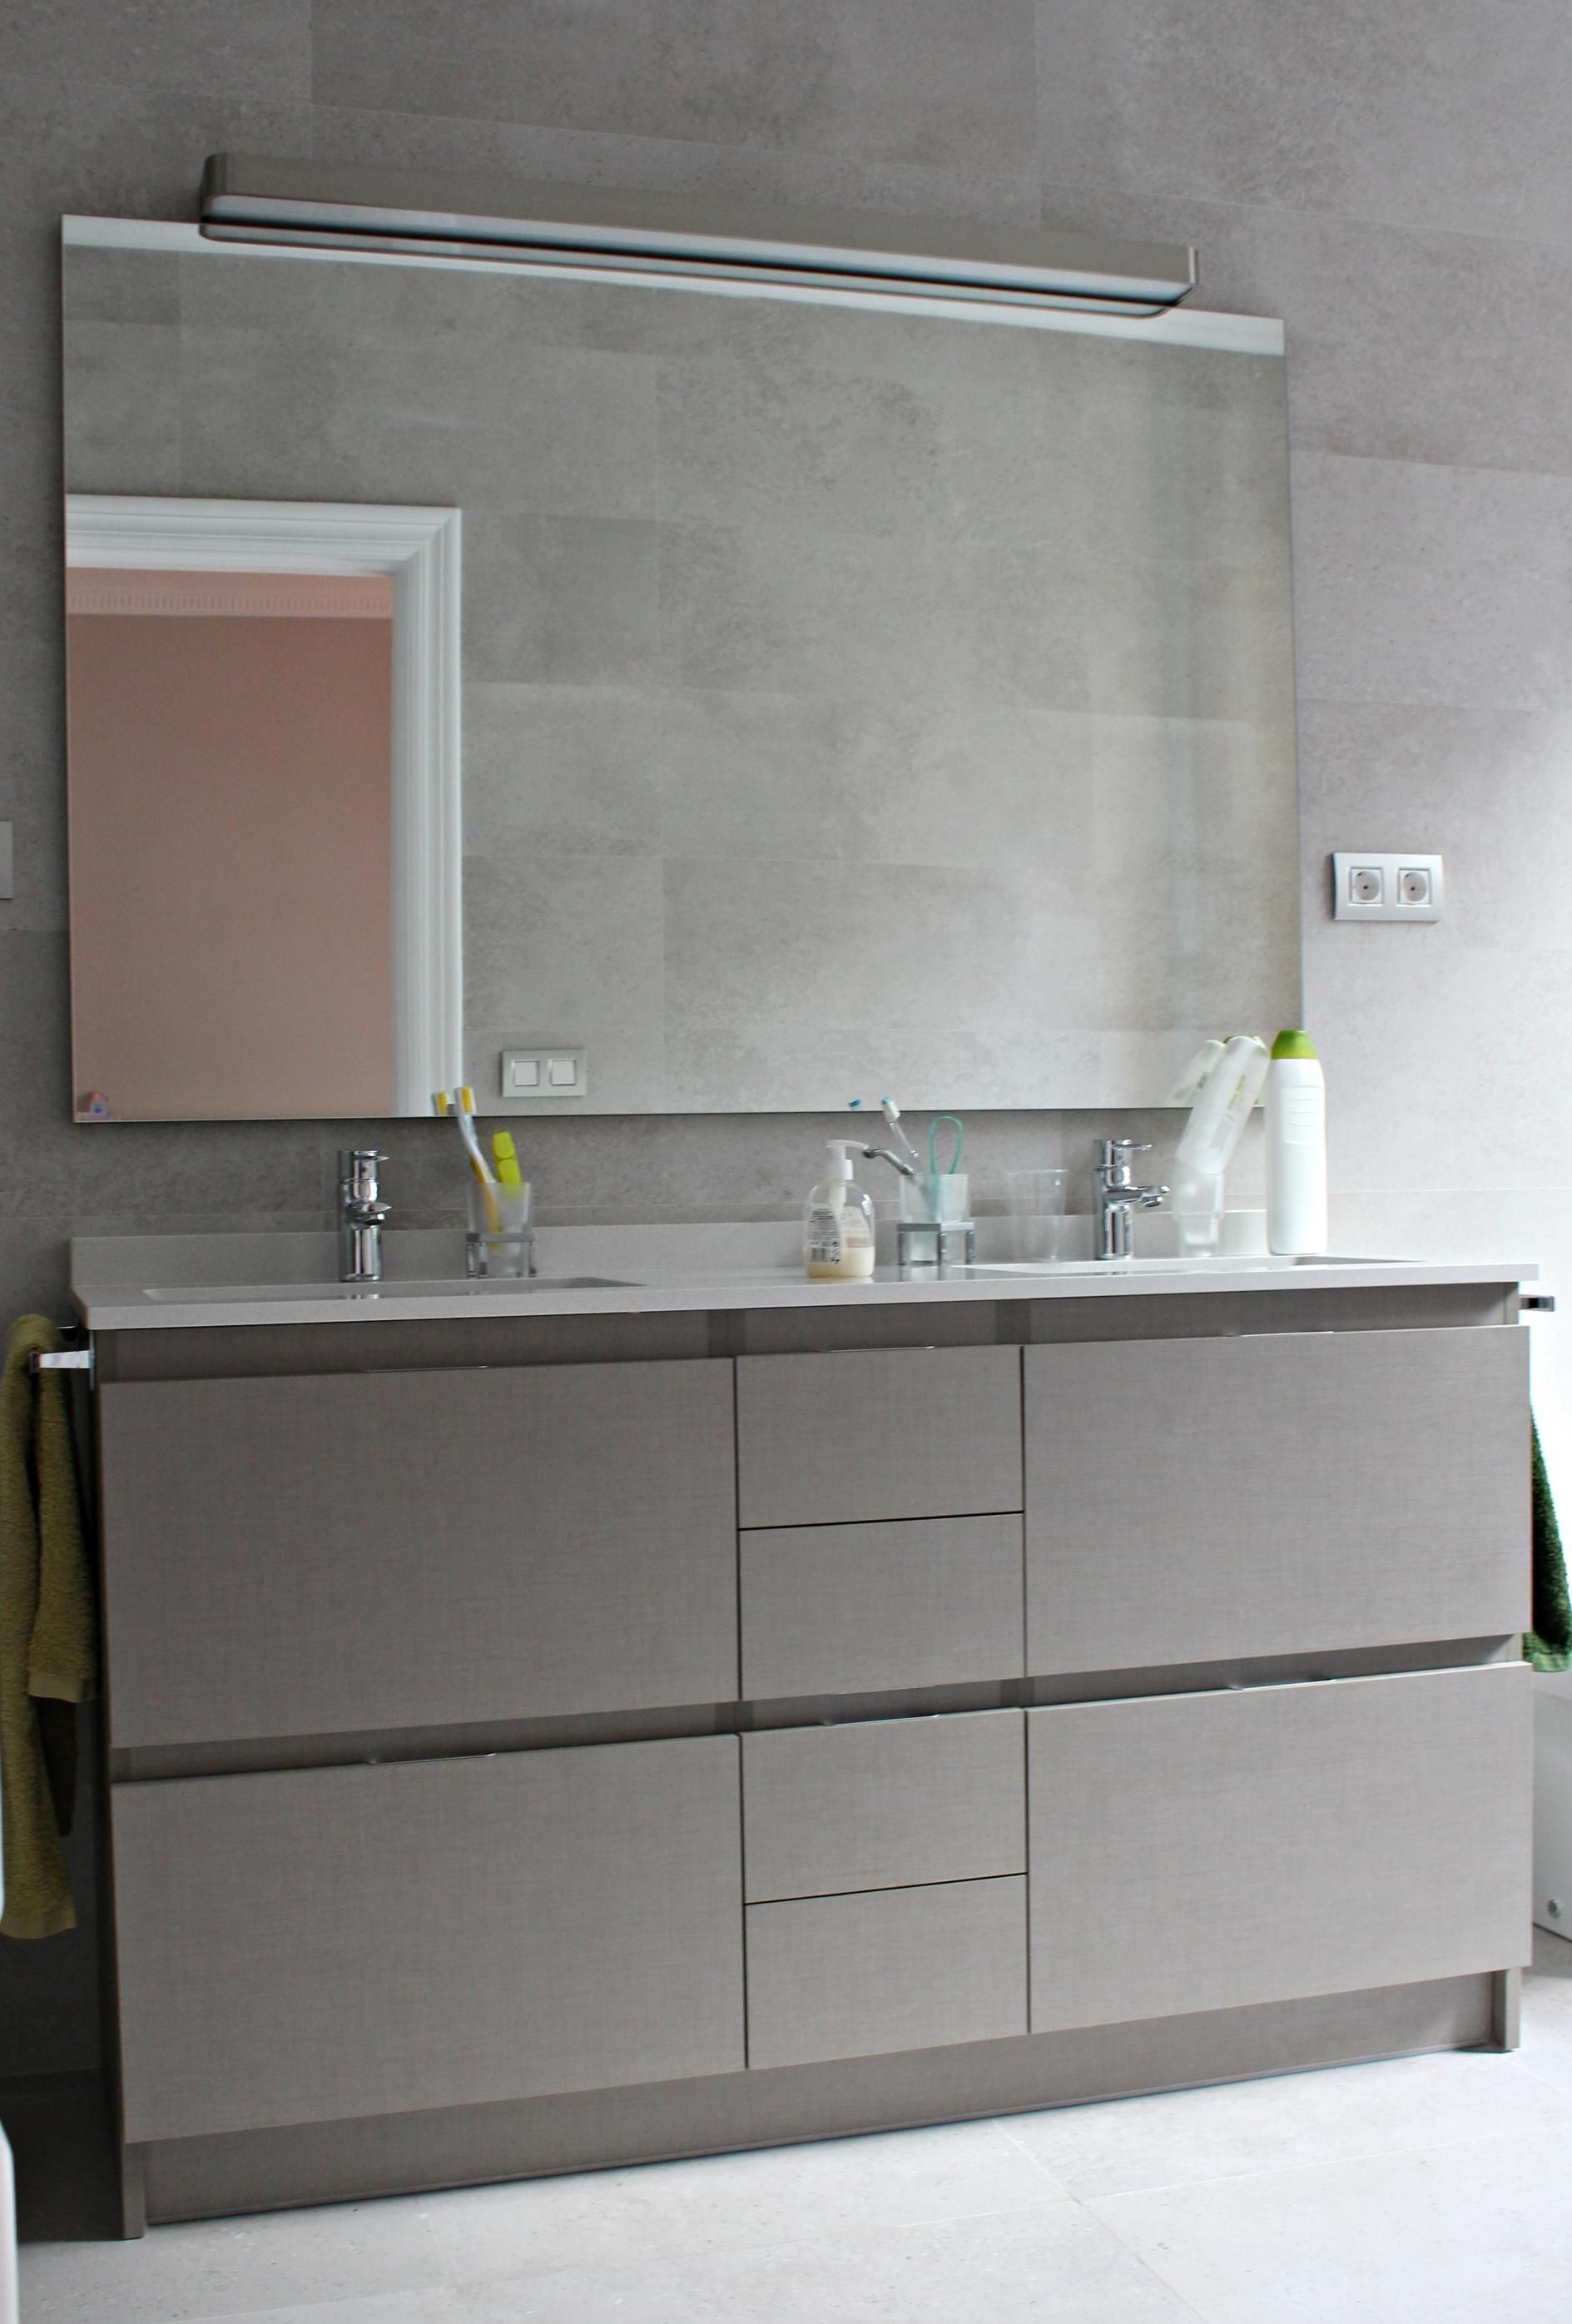 Mobiliario de ba o a medida en laminado decorativo con cajones antaro de blum proyecto de - Muebles bano a medida ...